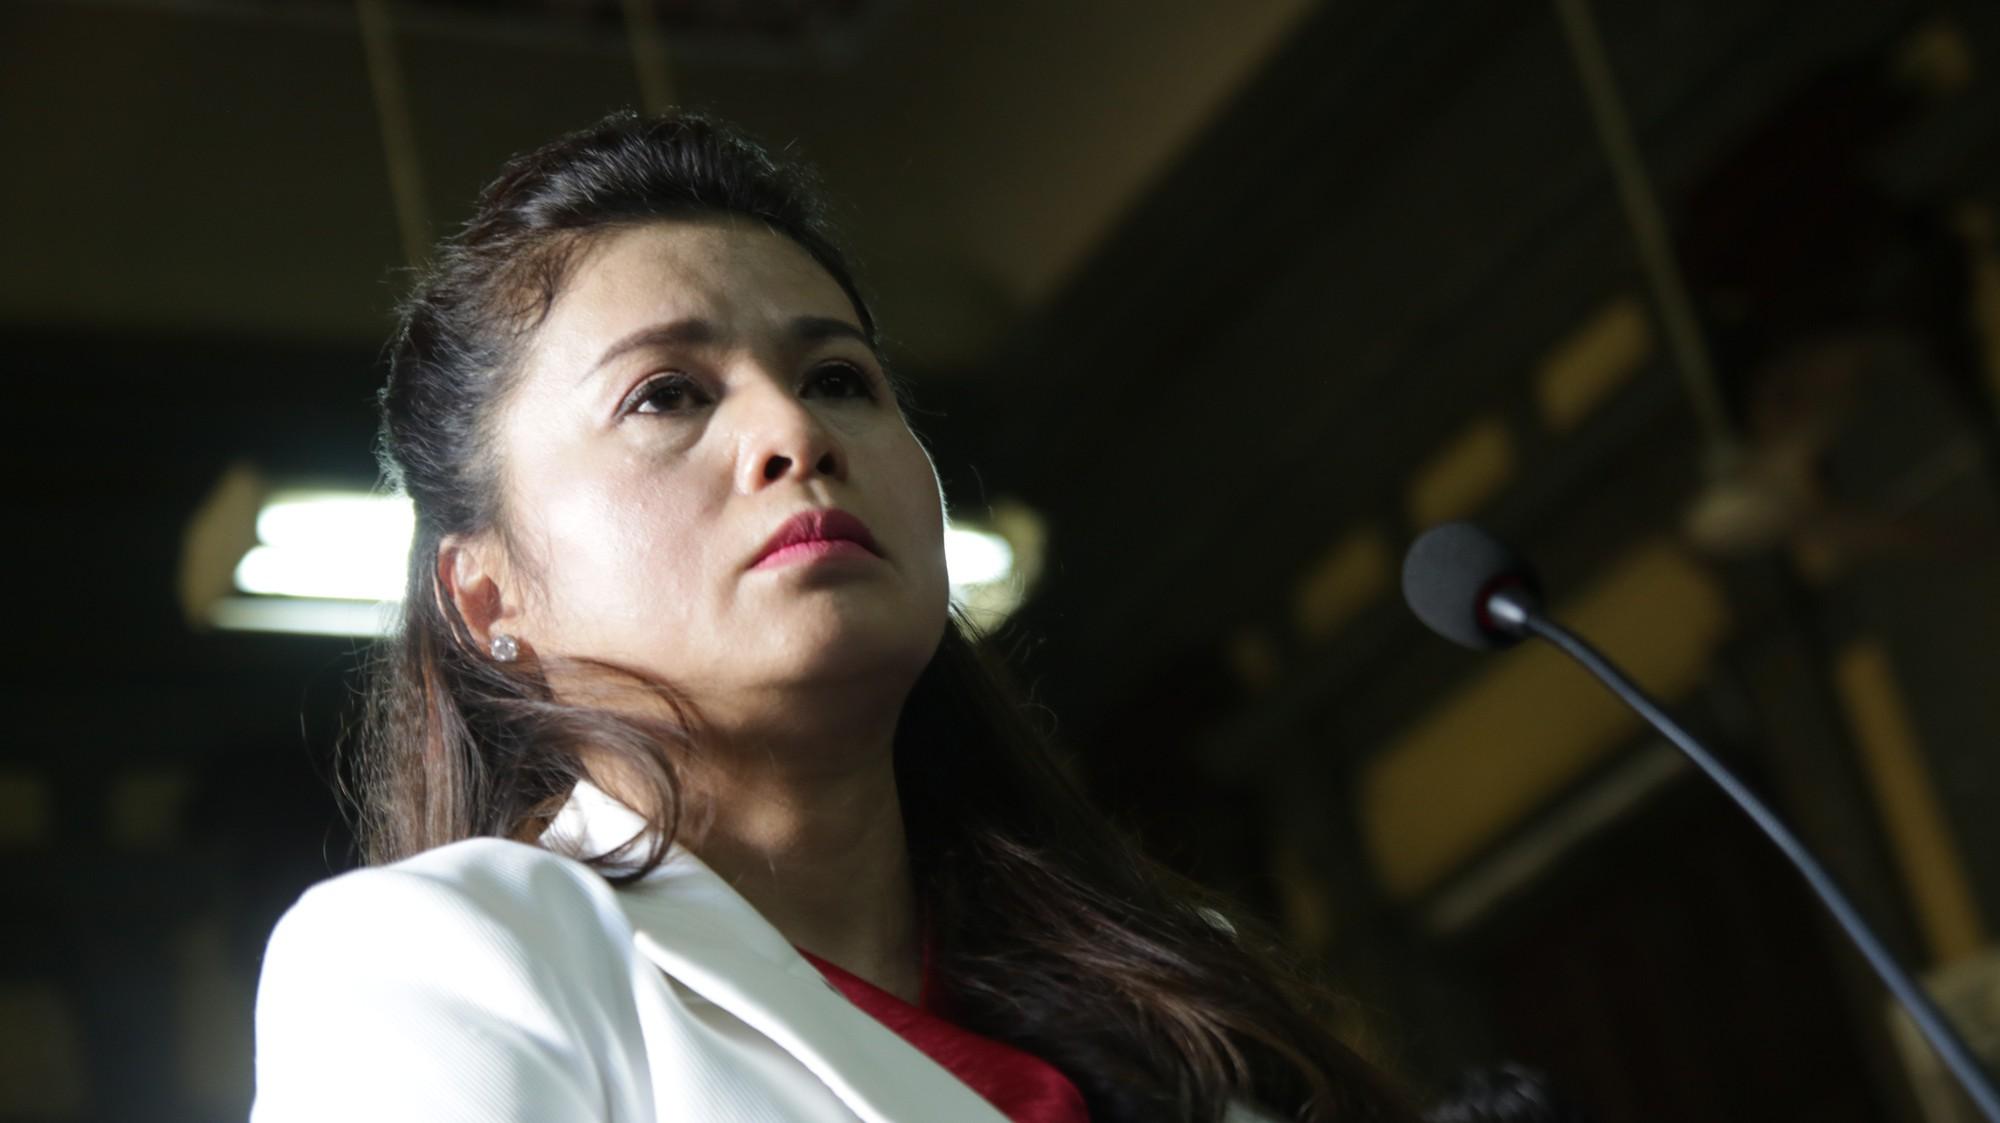 Luật sư của bà Lê Hoàng Diệp Thảo đọc thơ trong phần tranh luận.